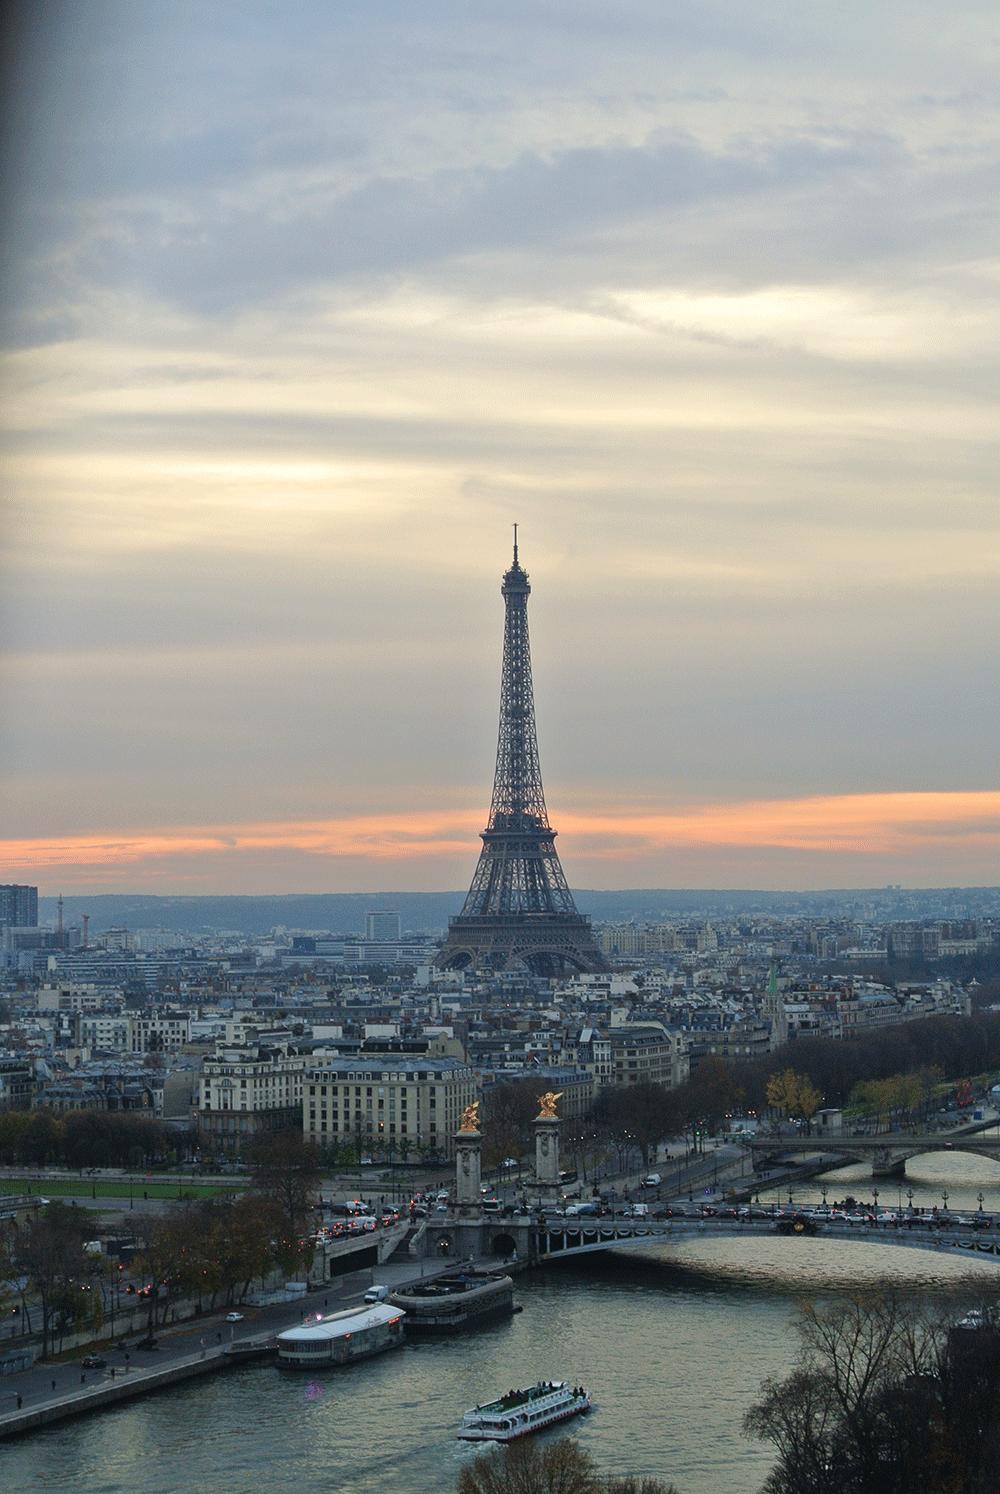 Dönme Dolaptan Eiffel Kulesi ♥